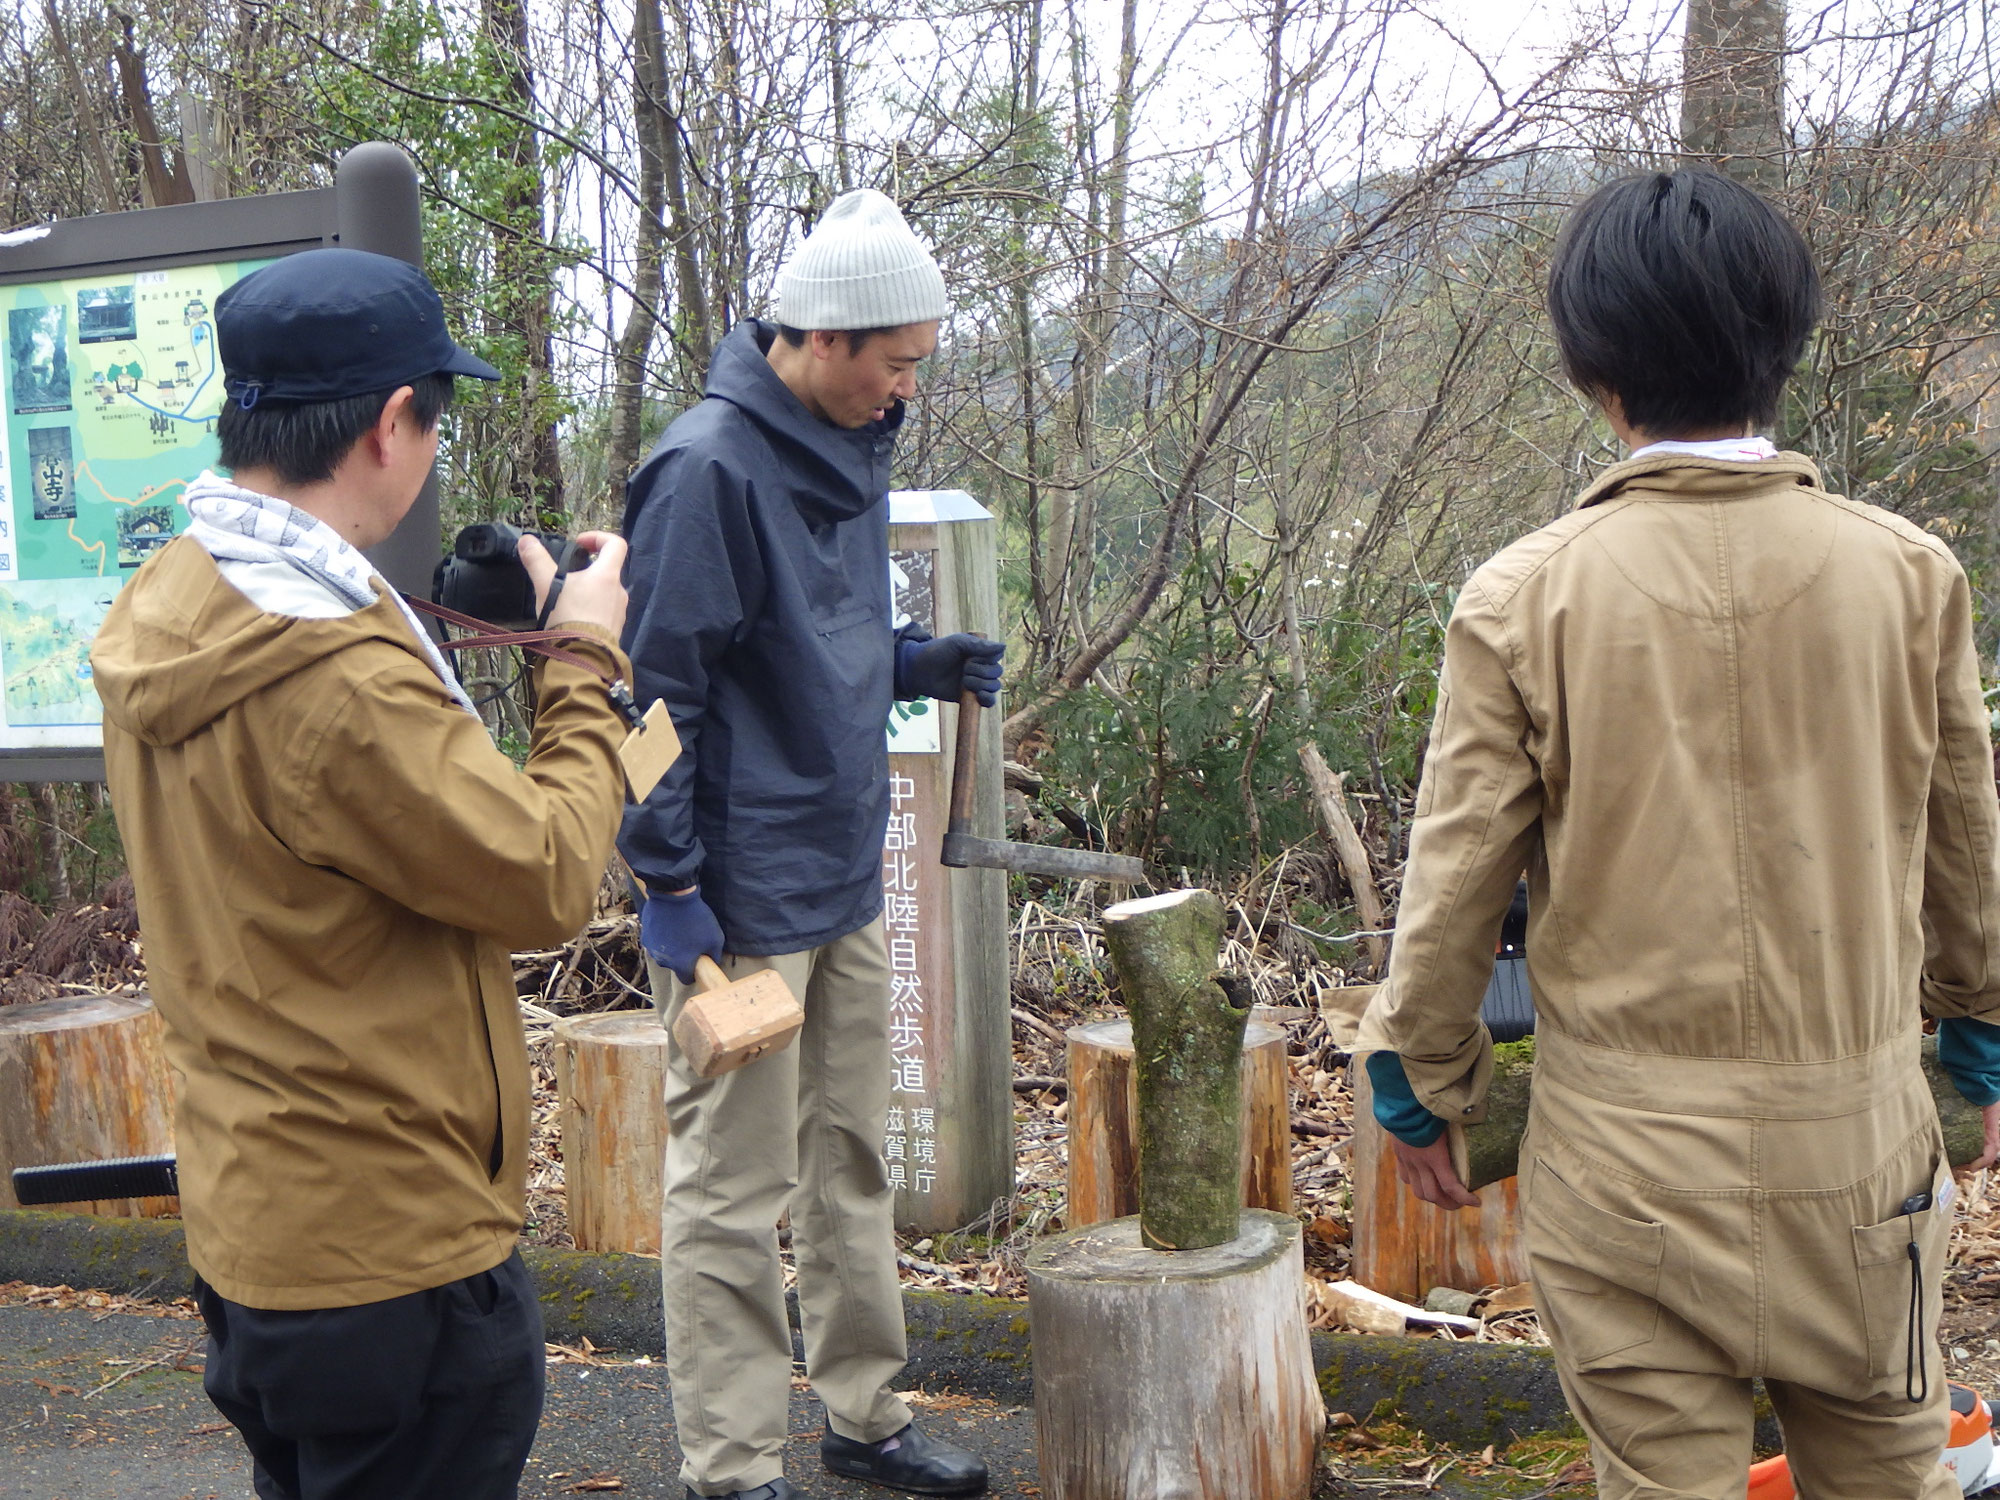 【ワークショップ】菅山寺の森でスツールづくり